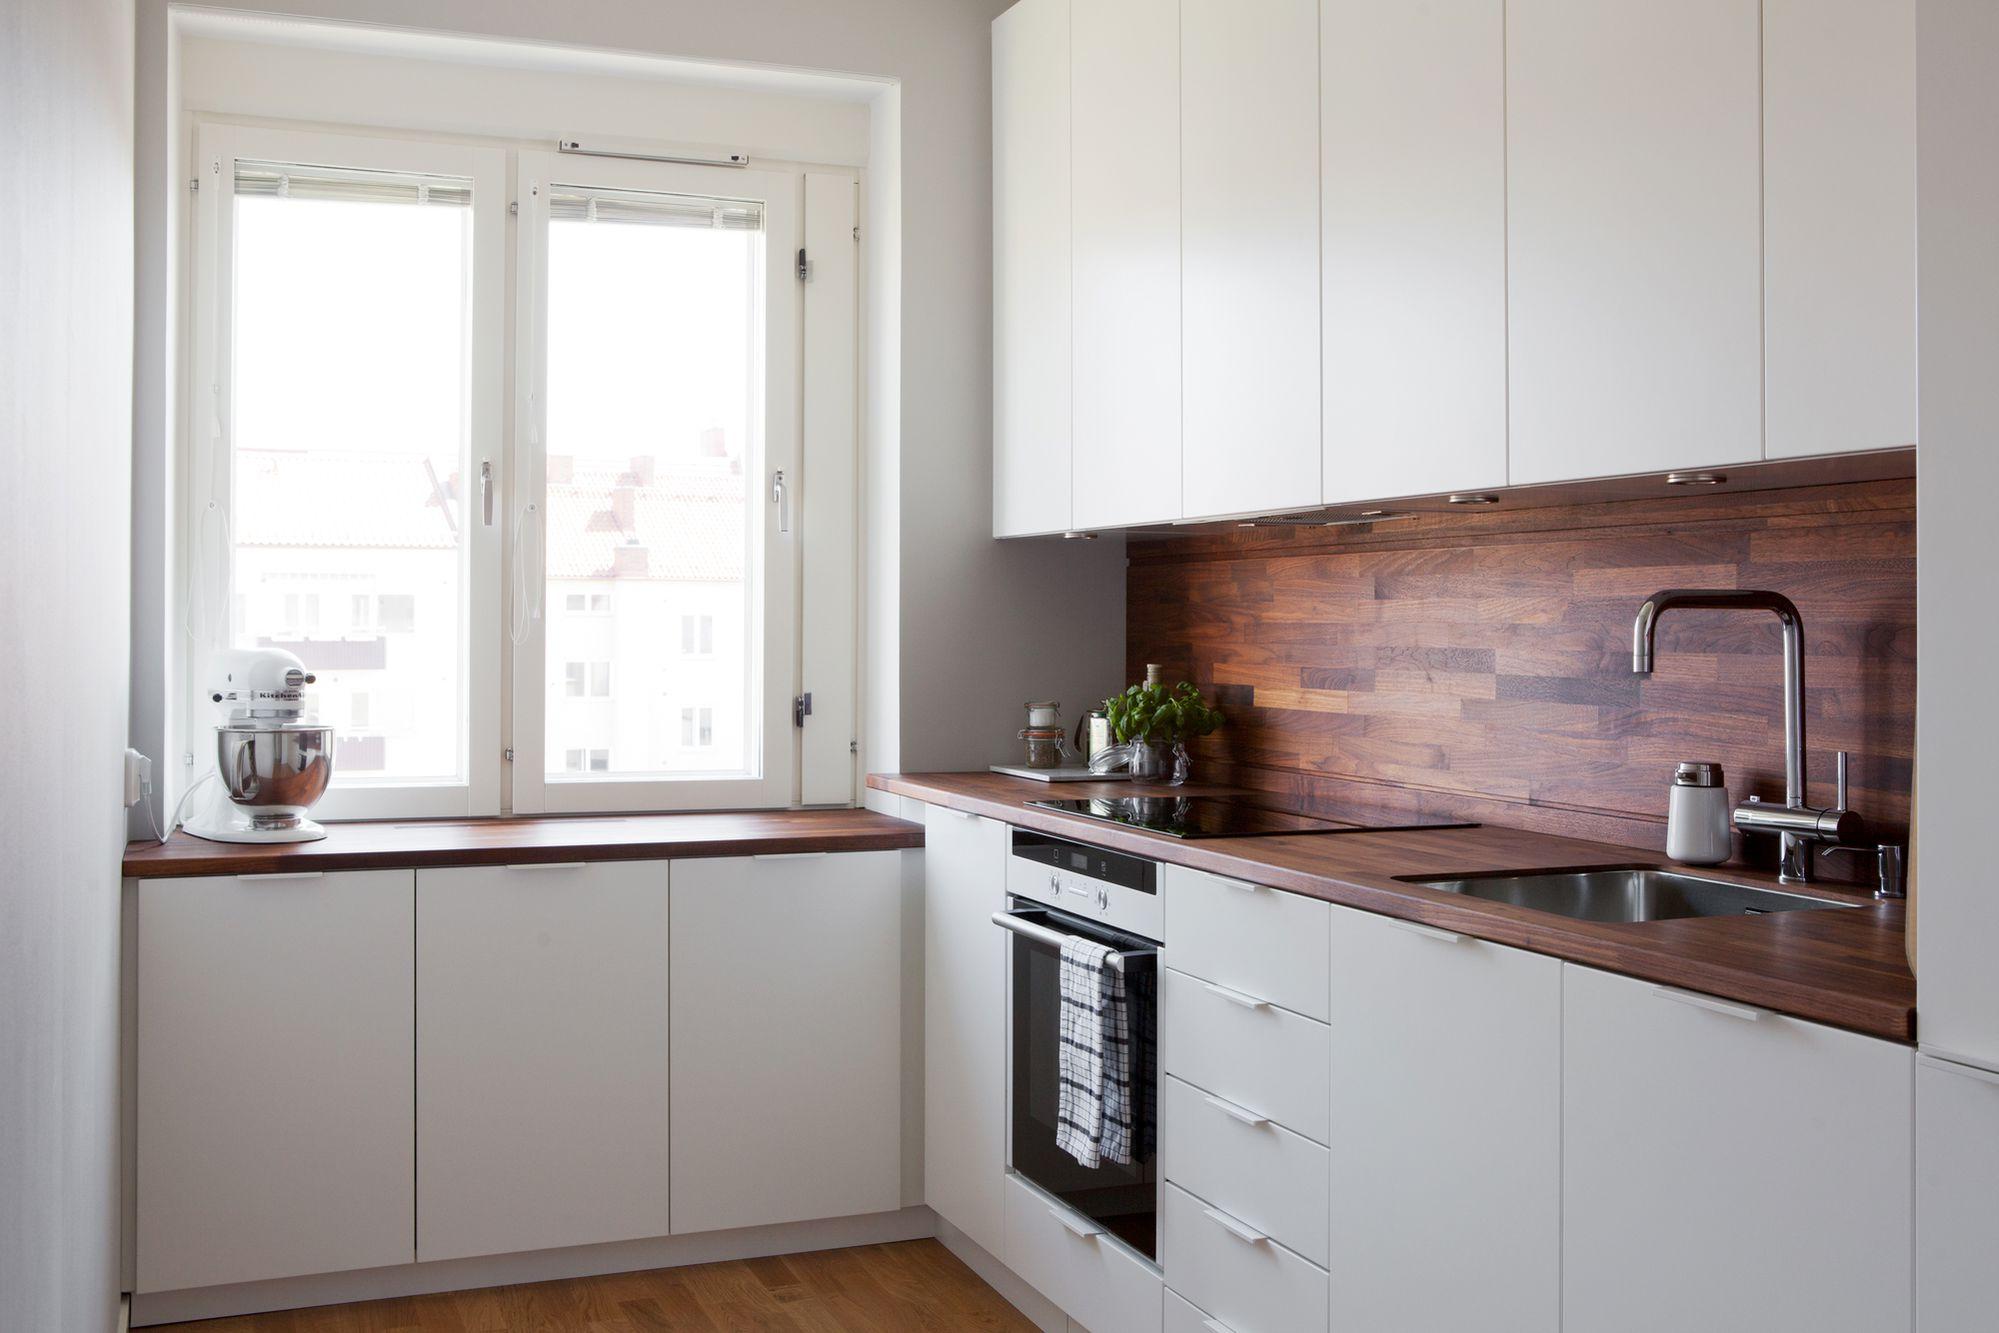 Cocina blanca con revestimiento de madera oscura blog - Cocinas nordicas ...